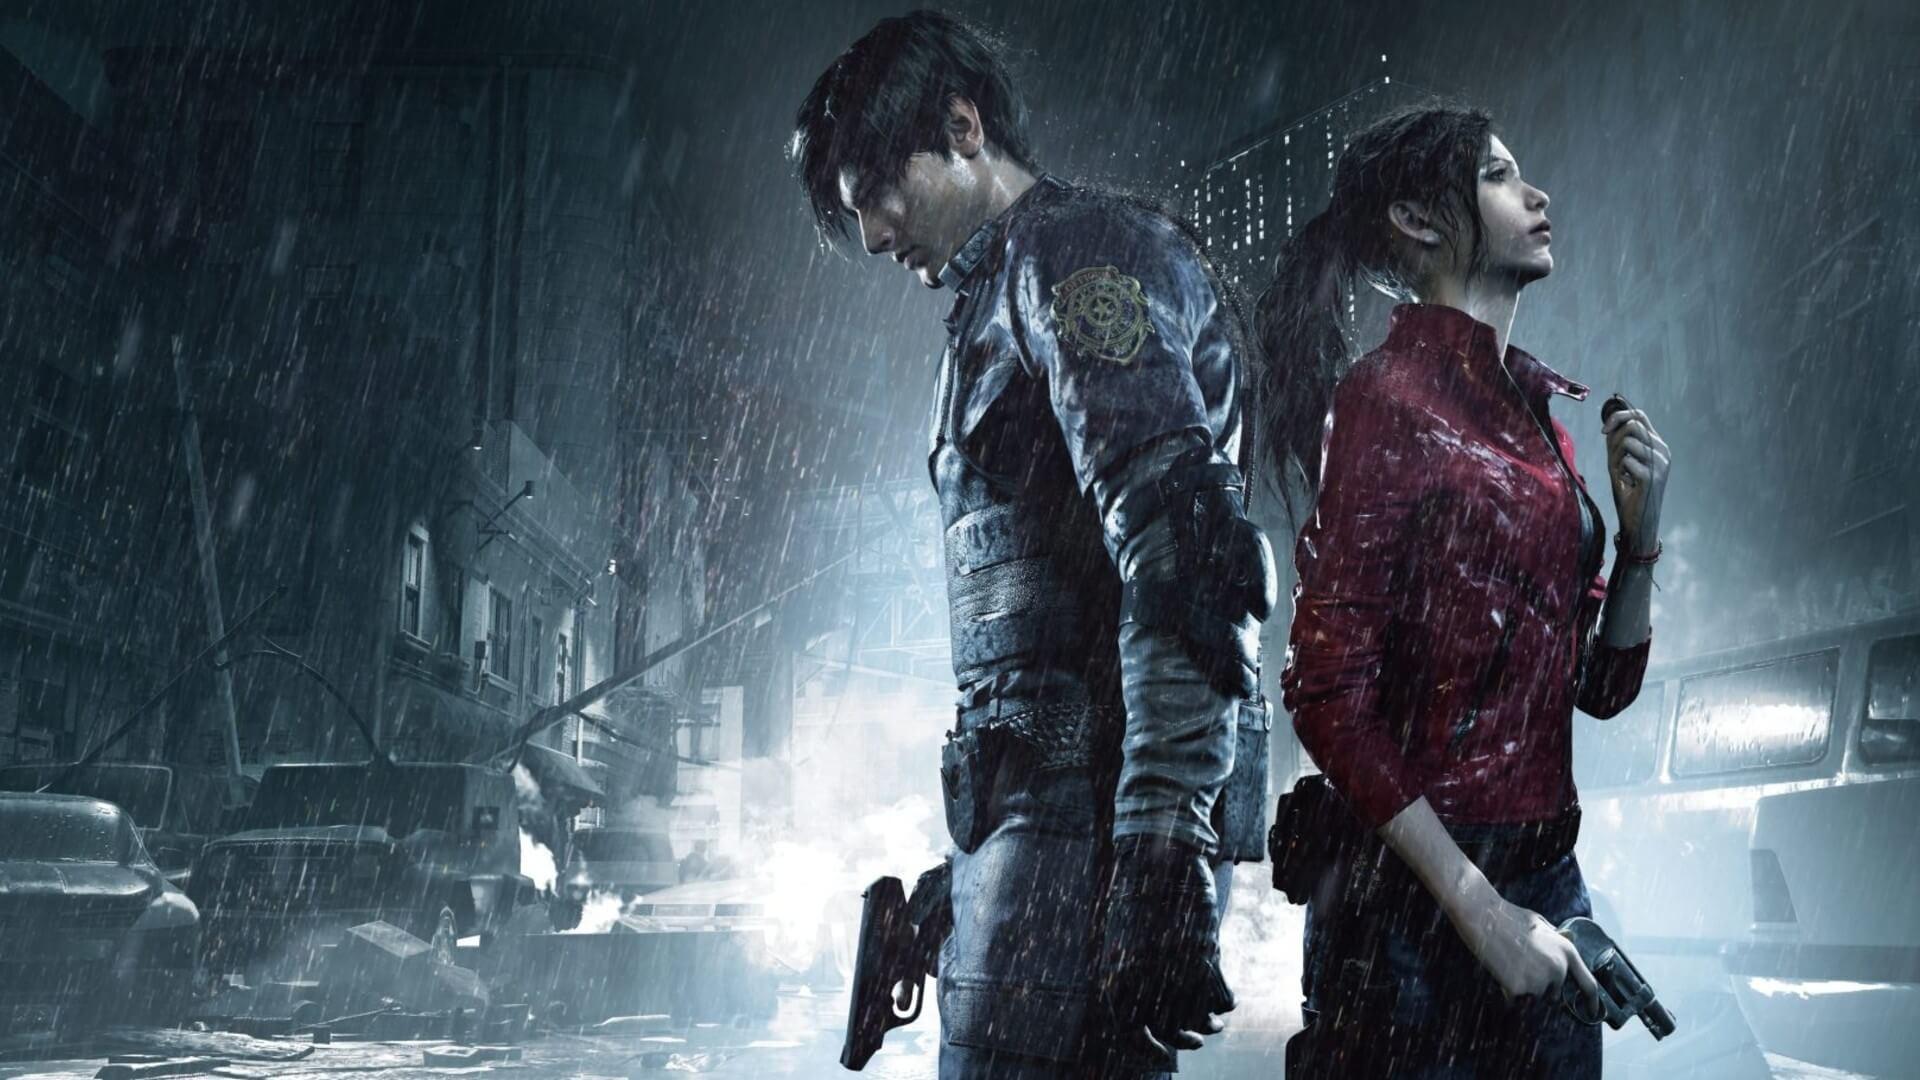 La franquicia Resident Evil alcanza las 107 millones de copias vendidas